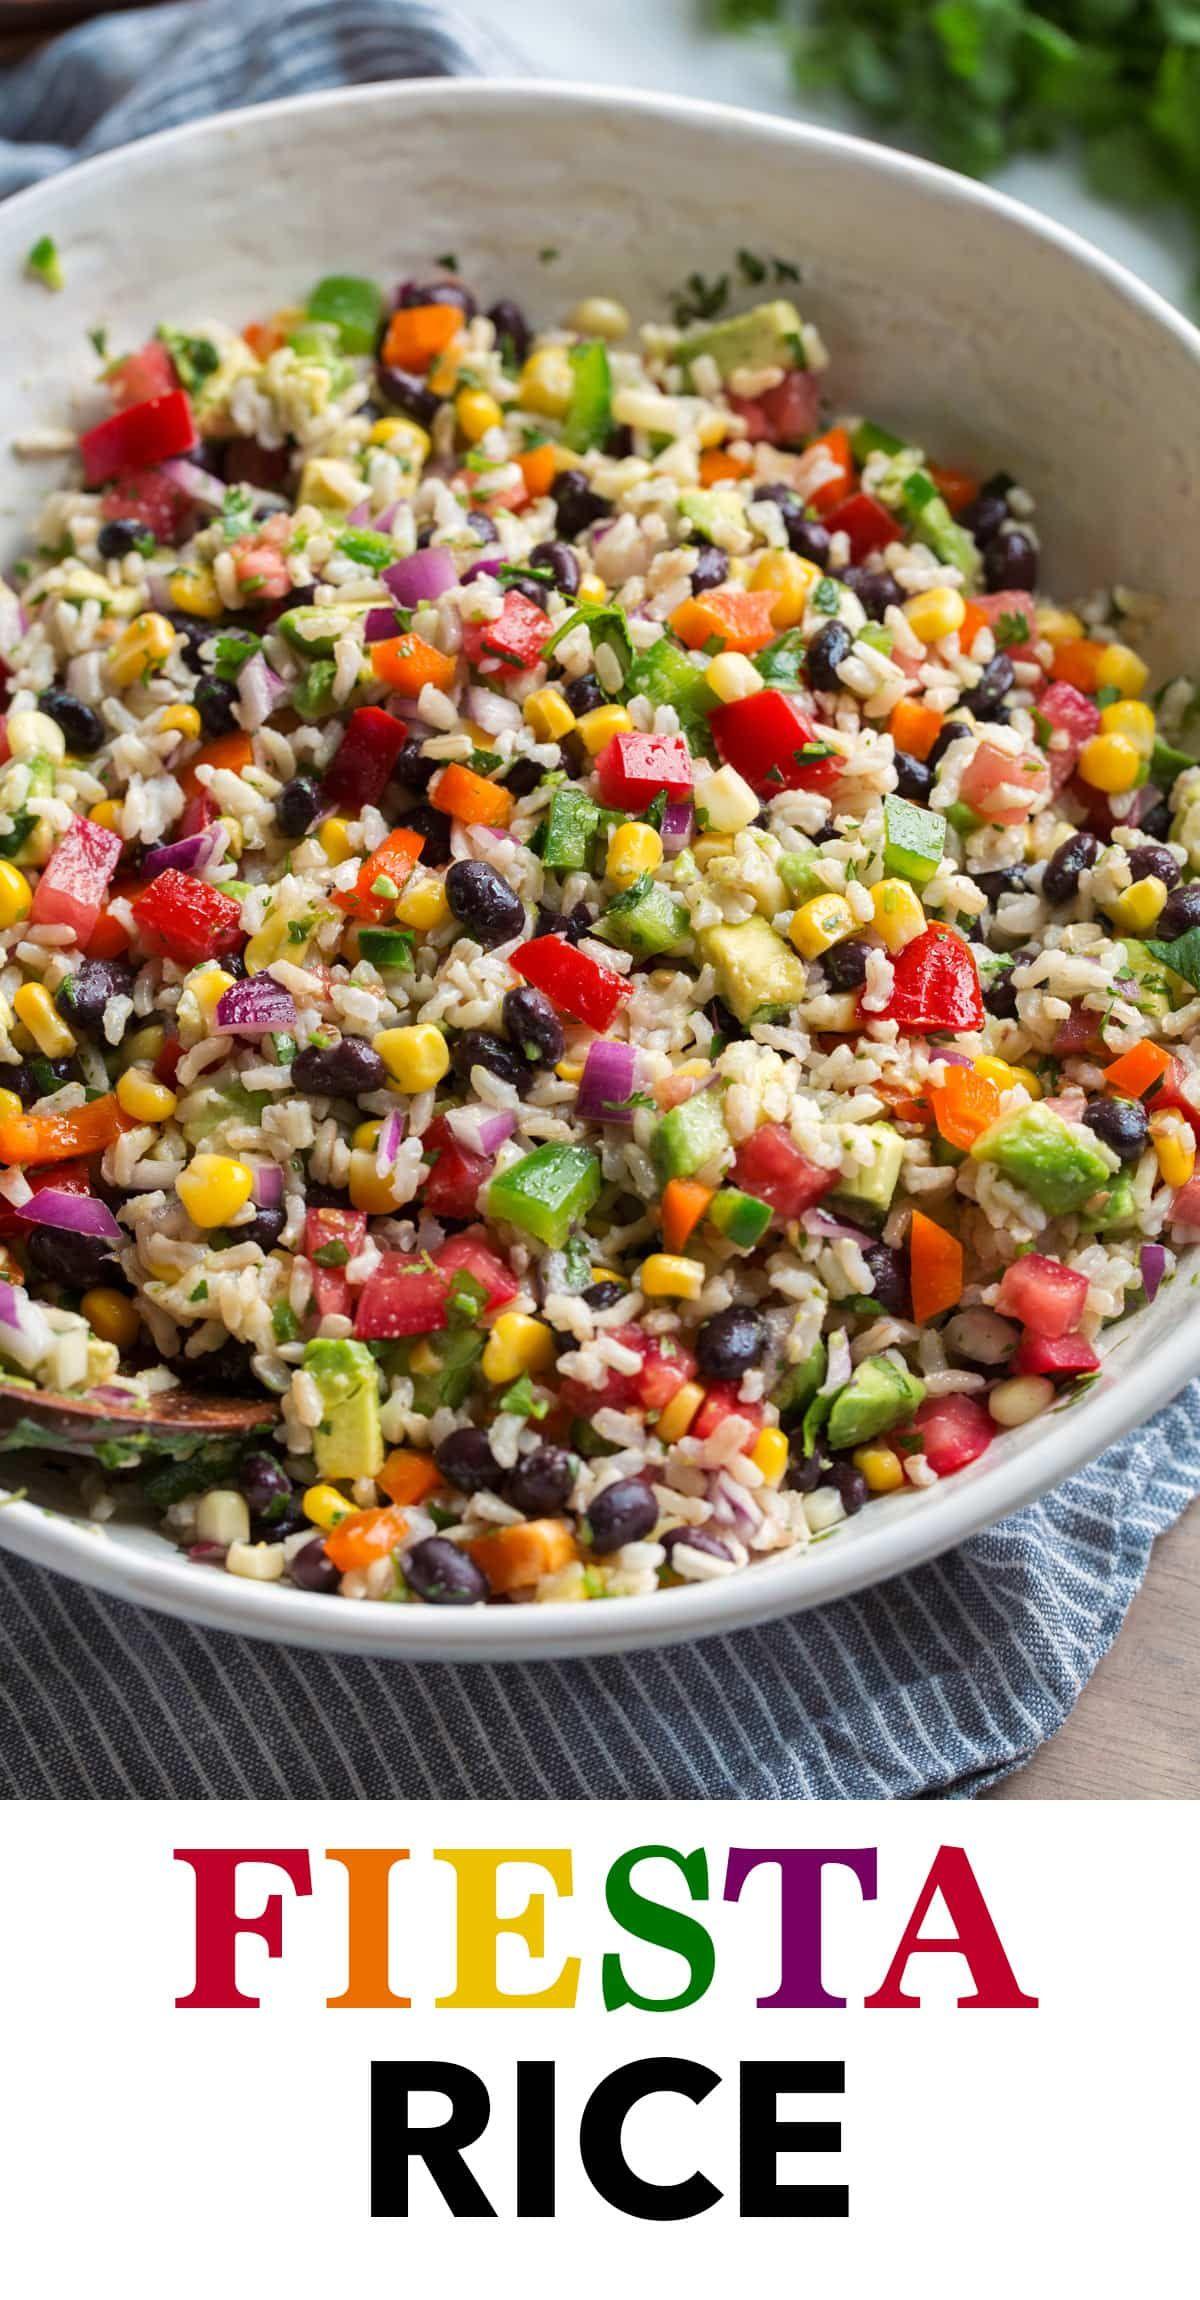 Fiesta Rice Recipe - Cooking Classy